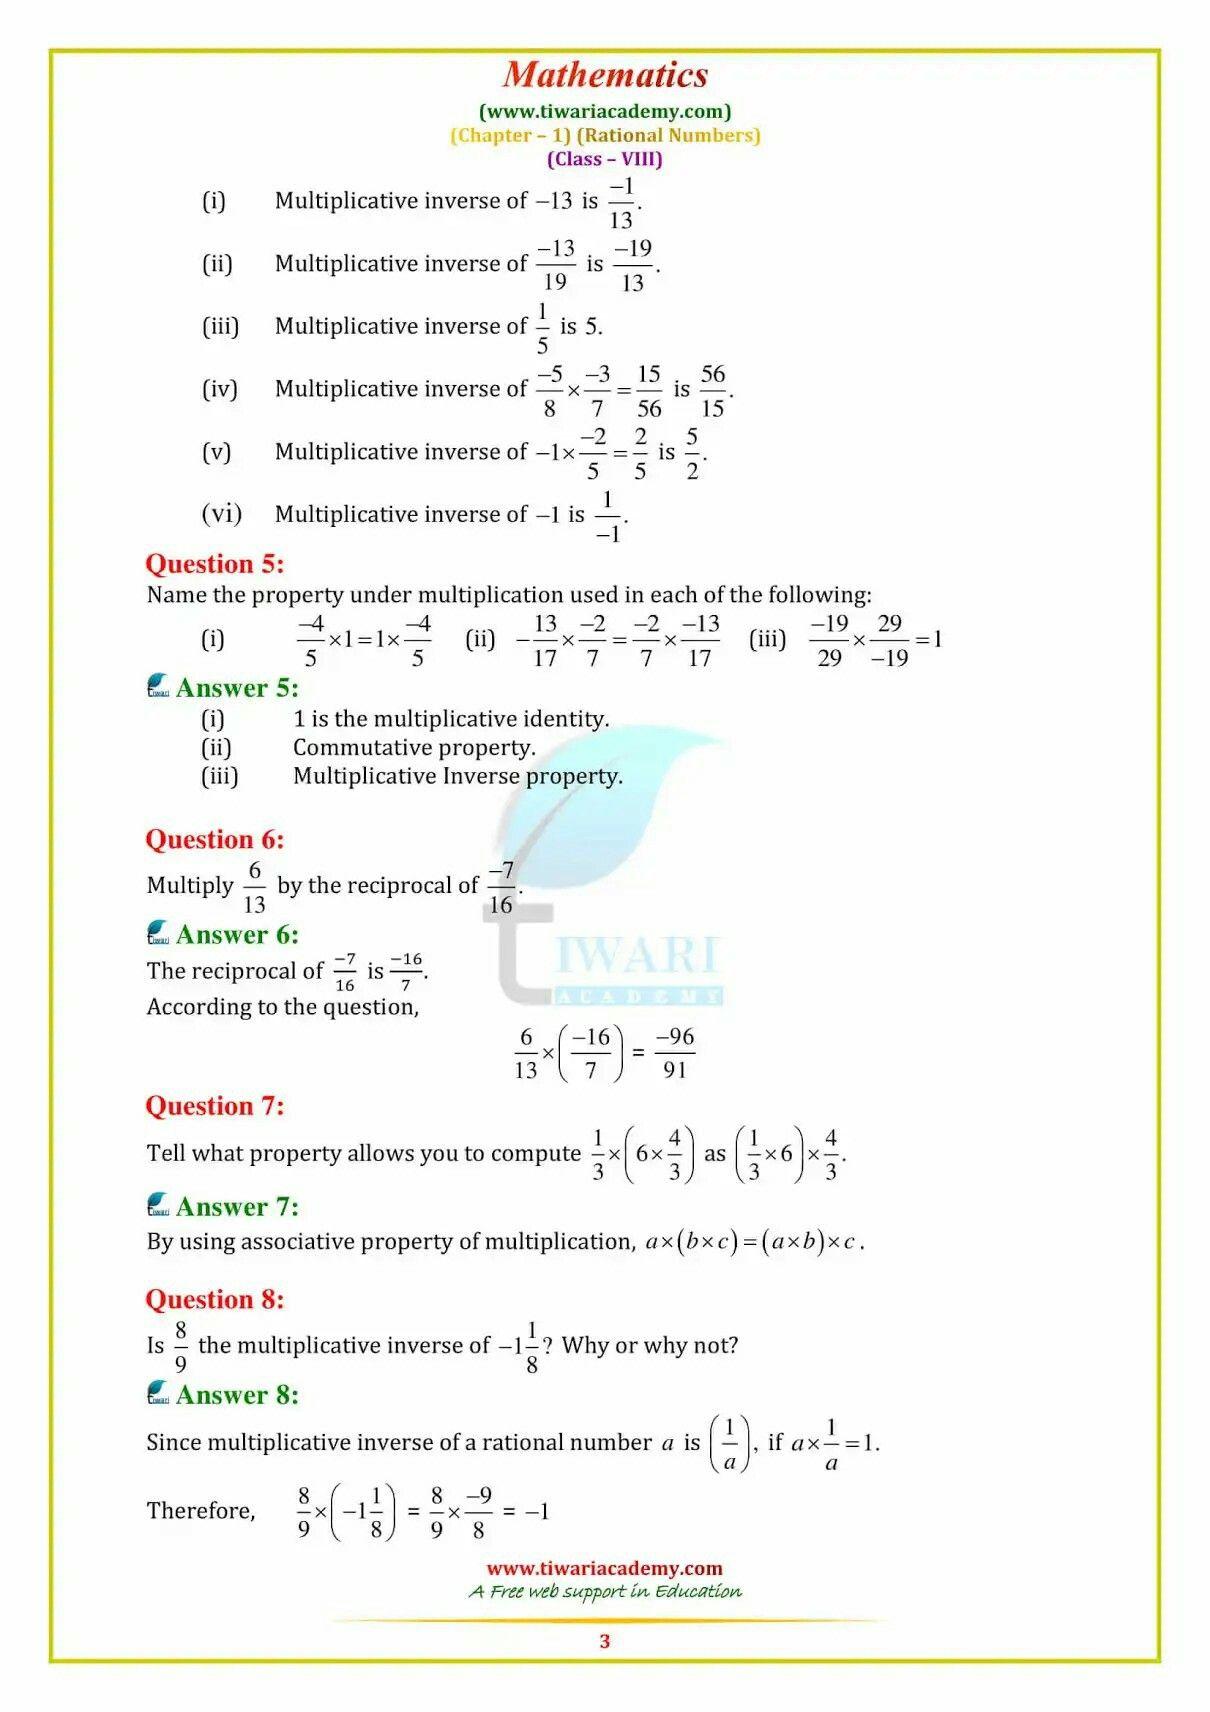 Pin By Vibha Gupta On Kanu Maths Solutions Math Class 8 [ 1712 x 1210 Pixel ]